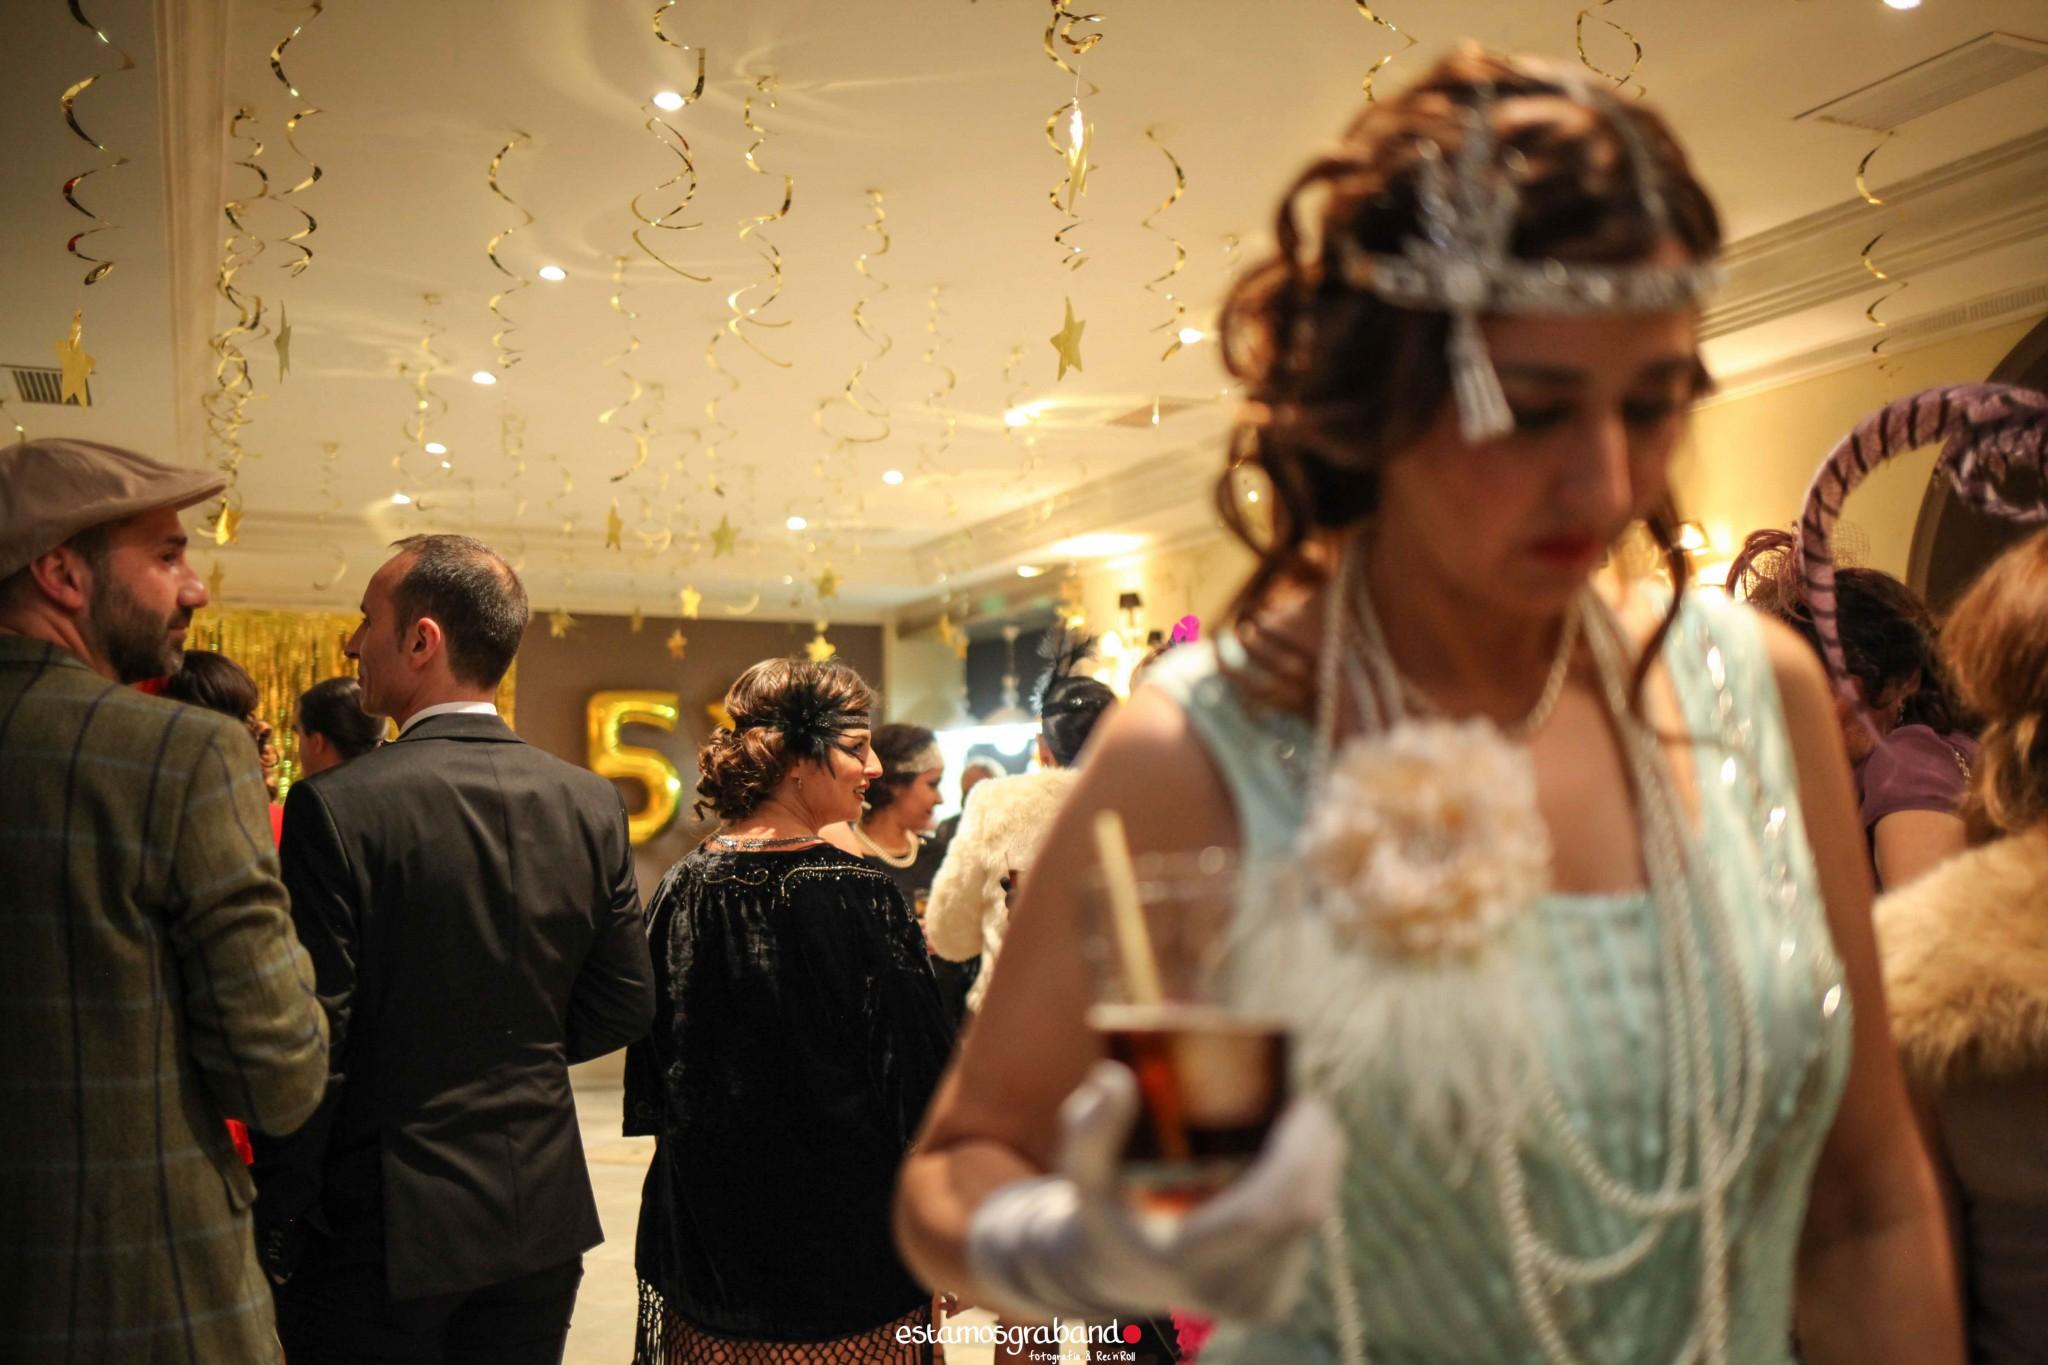 Fali-Bea-72-de-78 Fiesta Años 20 [La Teta de Julieta, Cádiz] - video boda cadiz